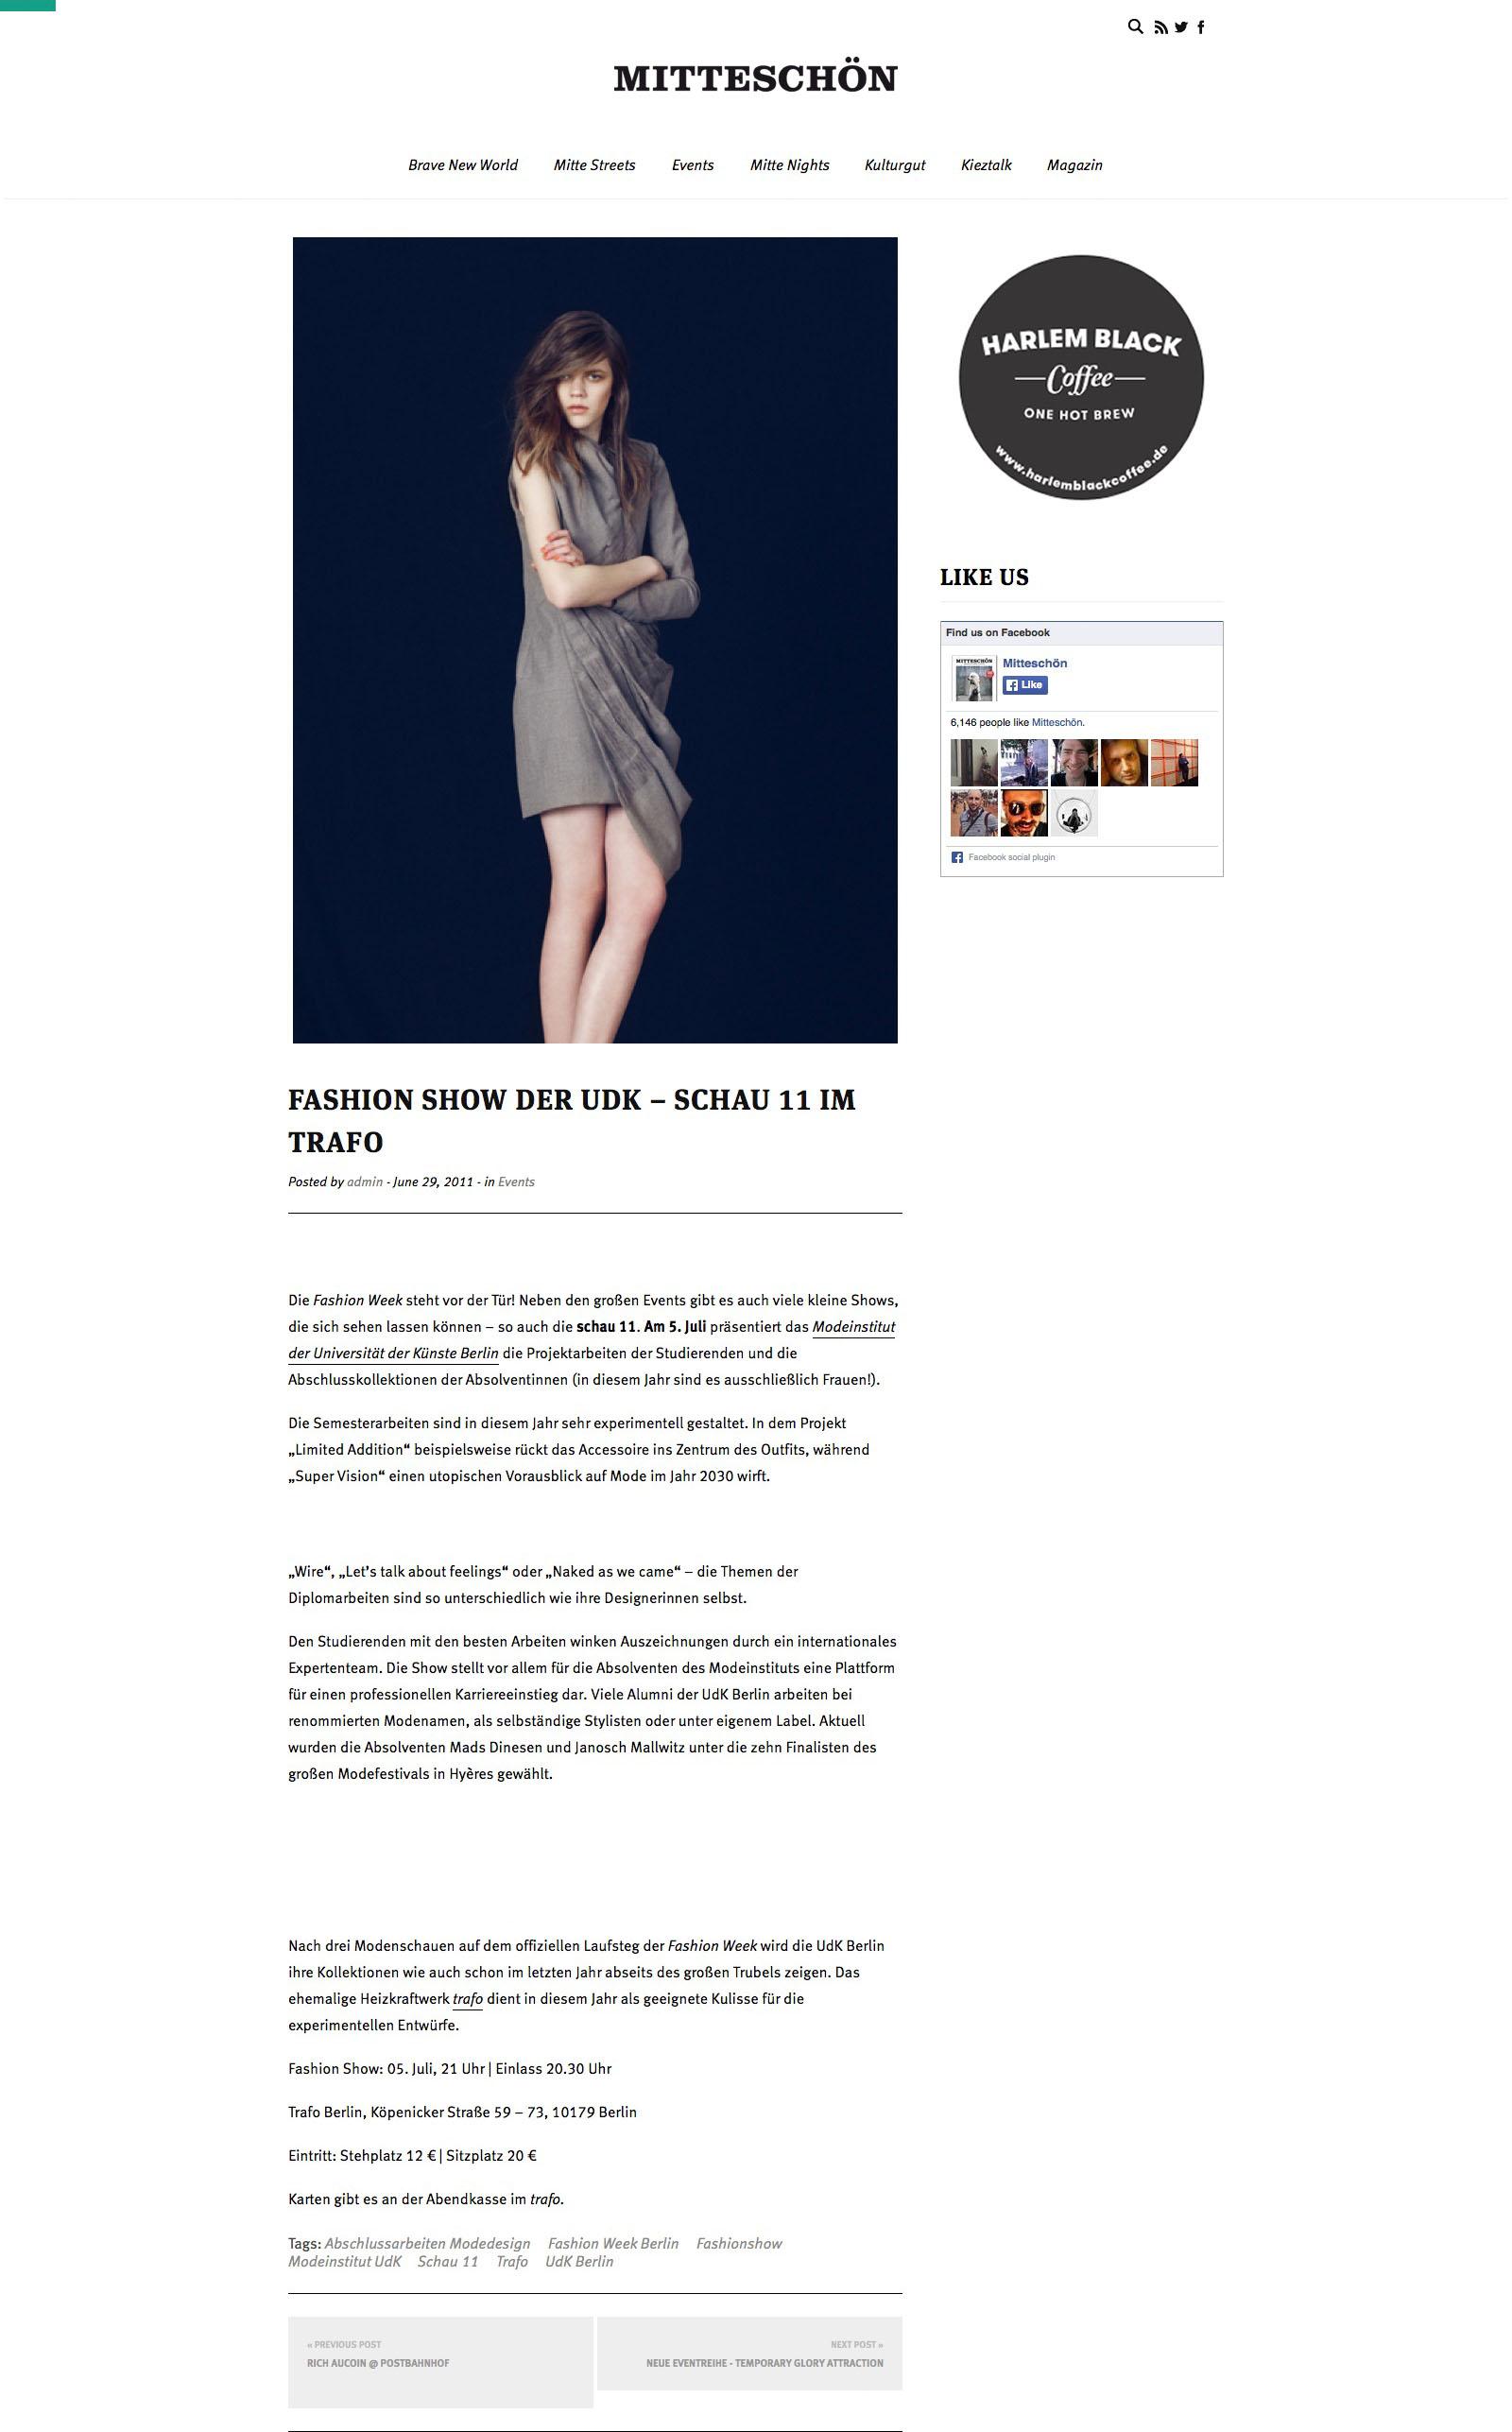 Fashion Show der UdK – schau 11 im trafo | Mitteschoen